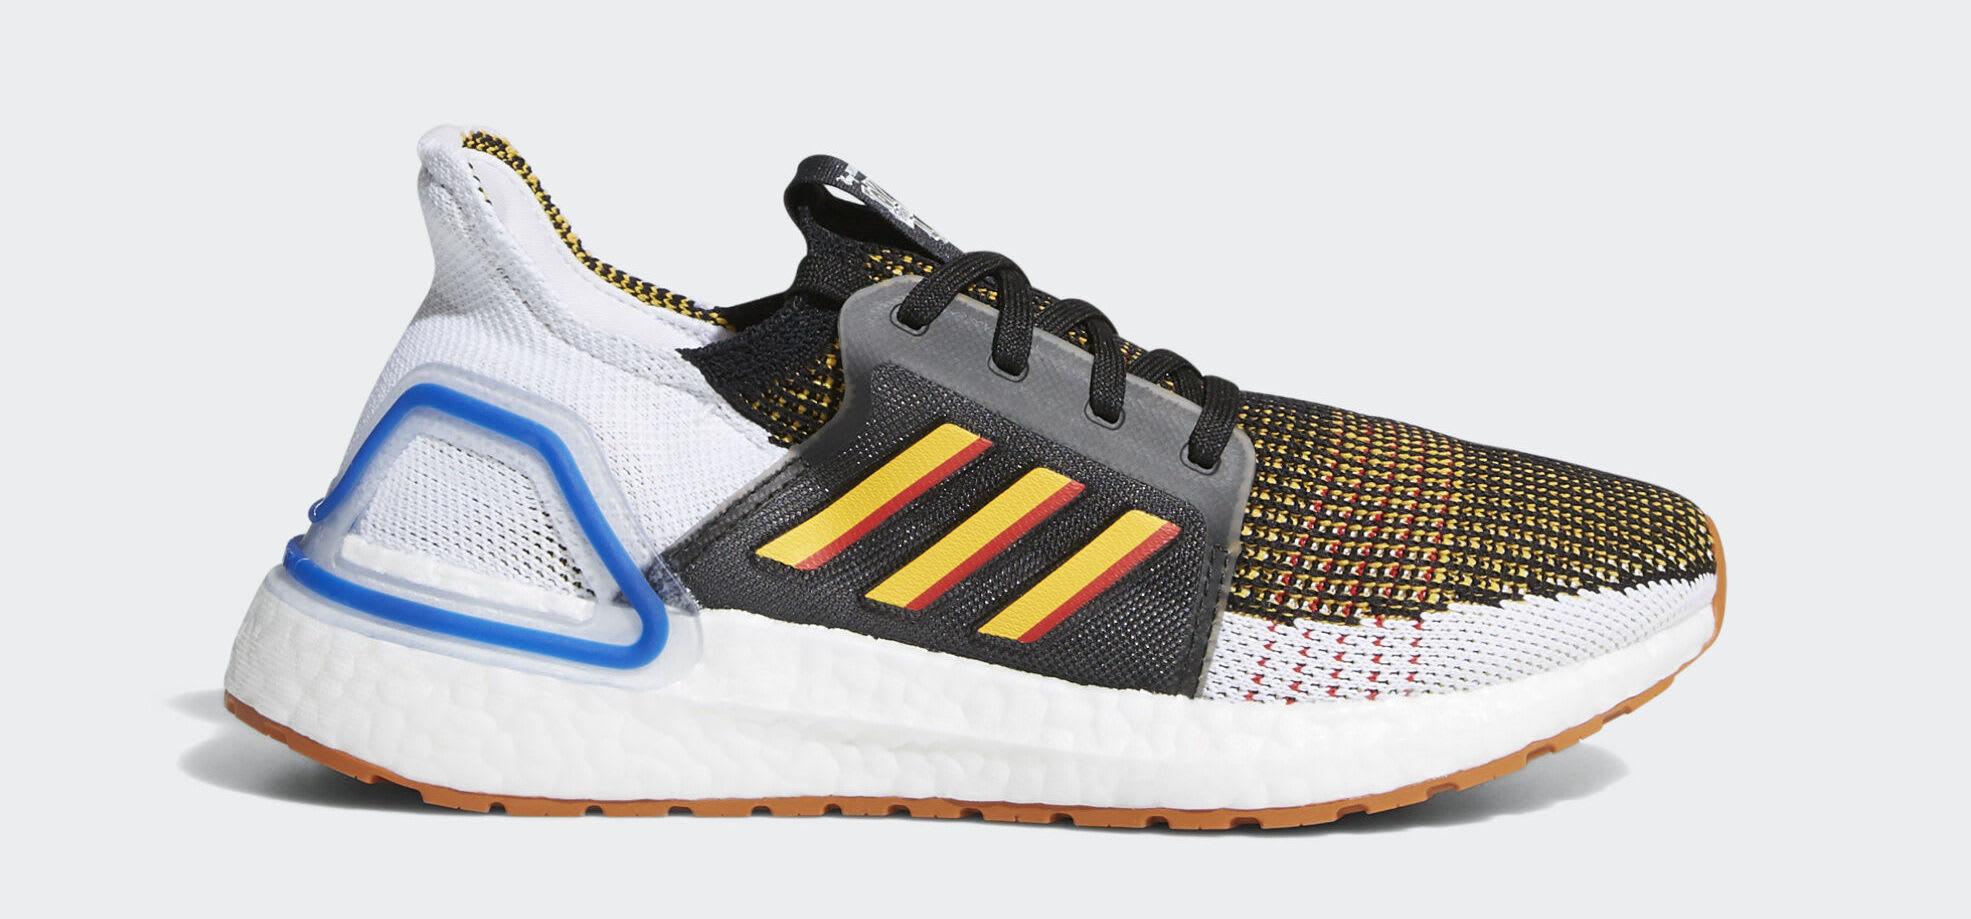 cb5b4691d323c Sneaker Release Guide 6/18/19 | Complex